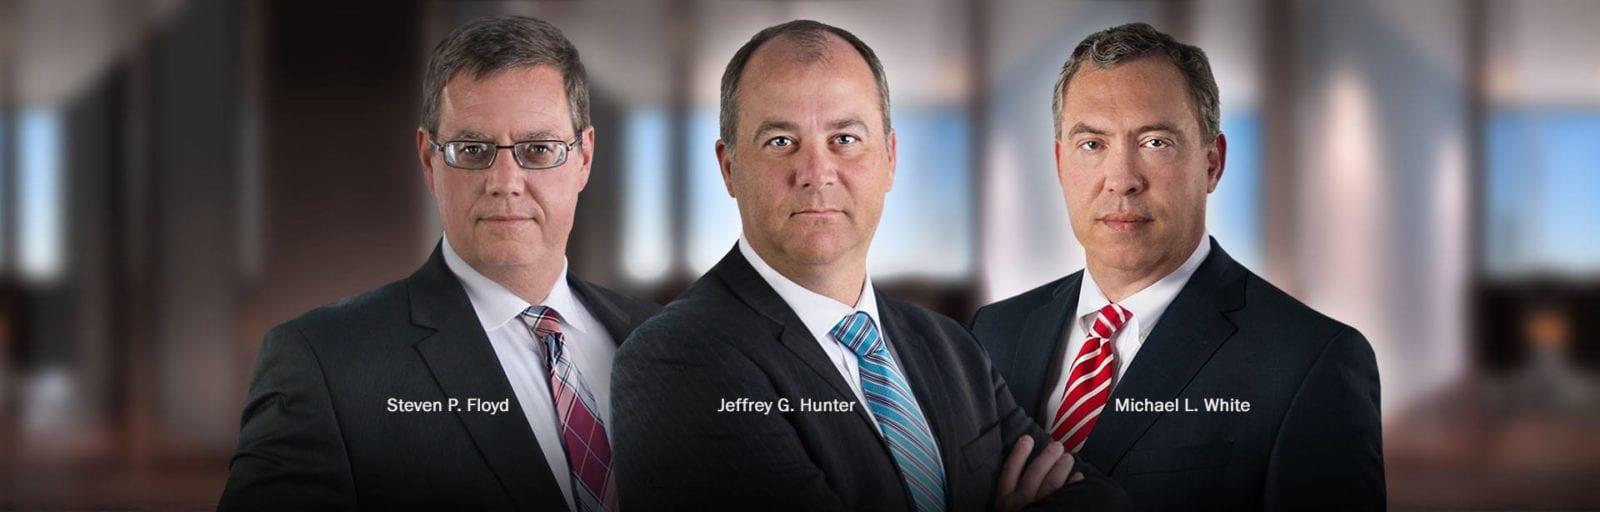 Millbrook Personal Injury Lawyers: Montgomery Alabama